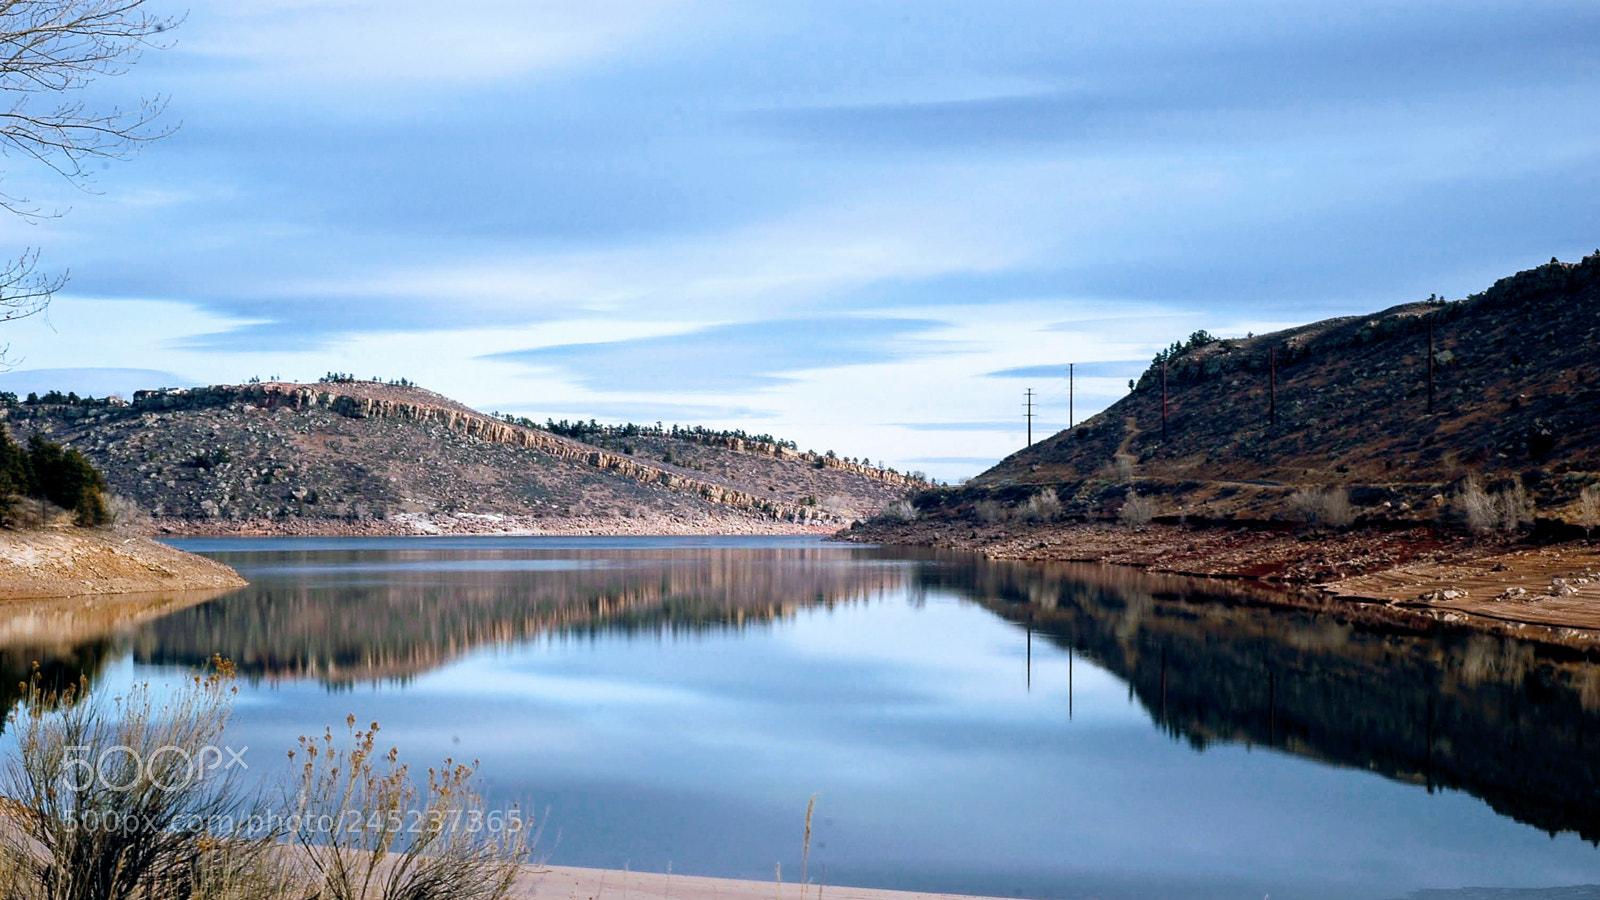 Reflections, Nikon D70, AF Nikkor 50mm f/1.8 N